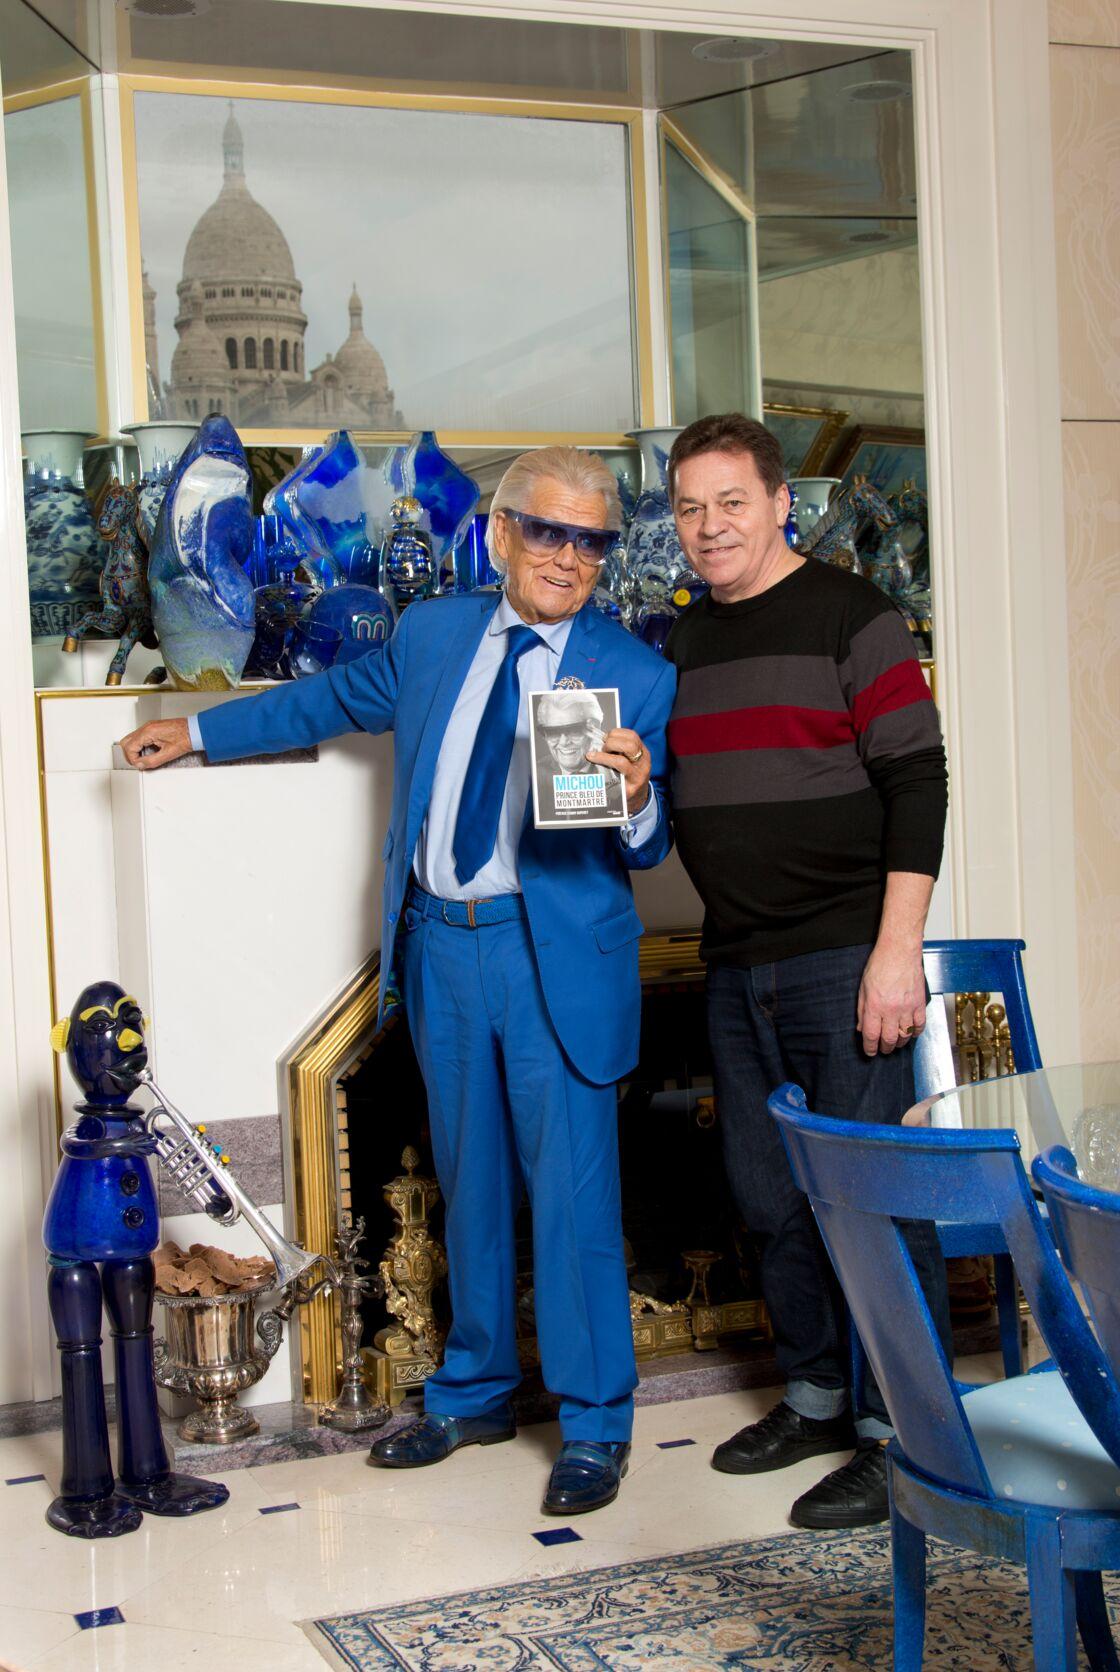 Michou et son compagnon Erwan dans leur appartement de Montmartre, Paris le 24 novembre 2017.